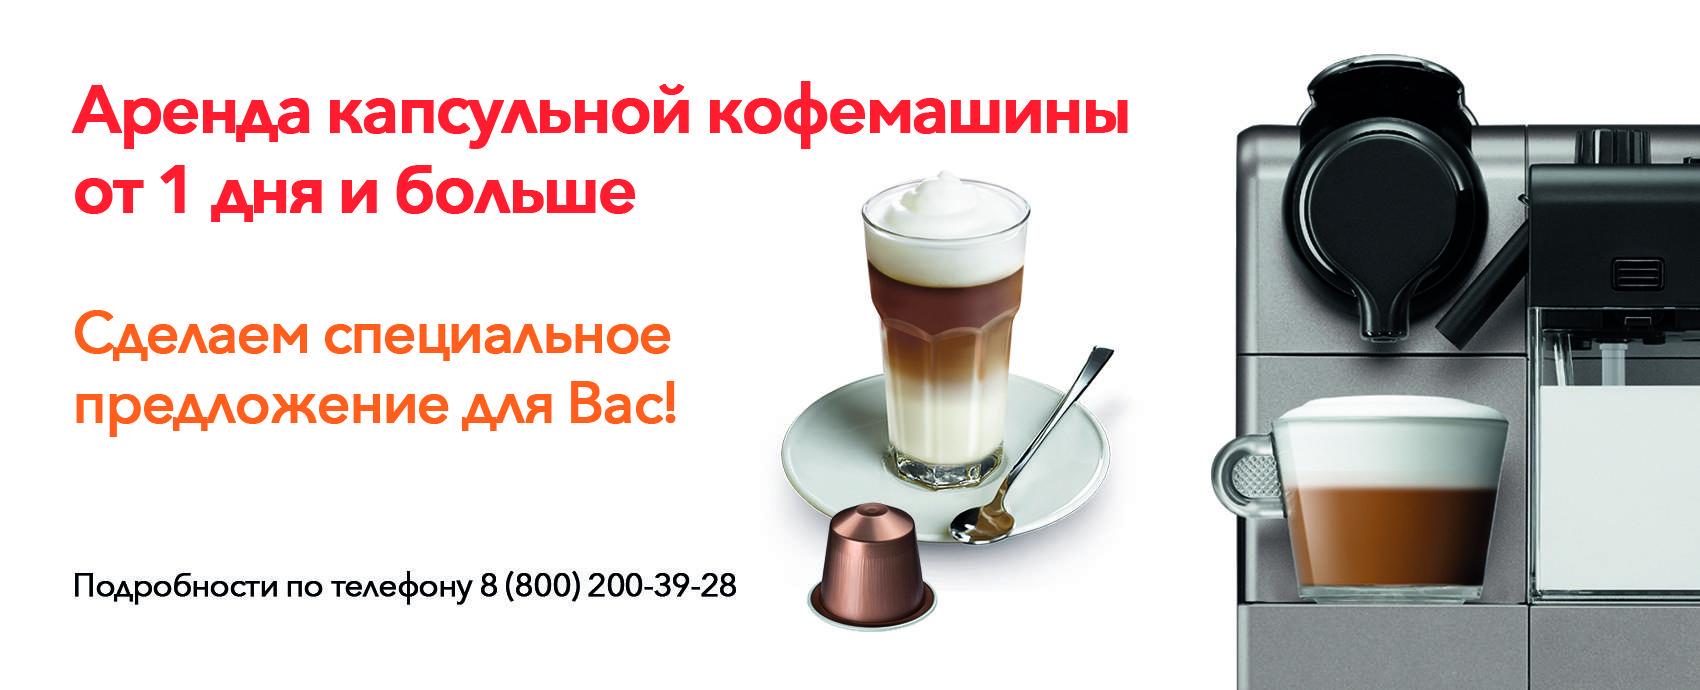 Восстание кофемашин